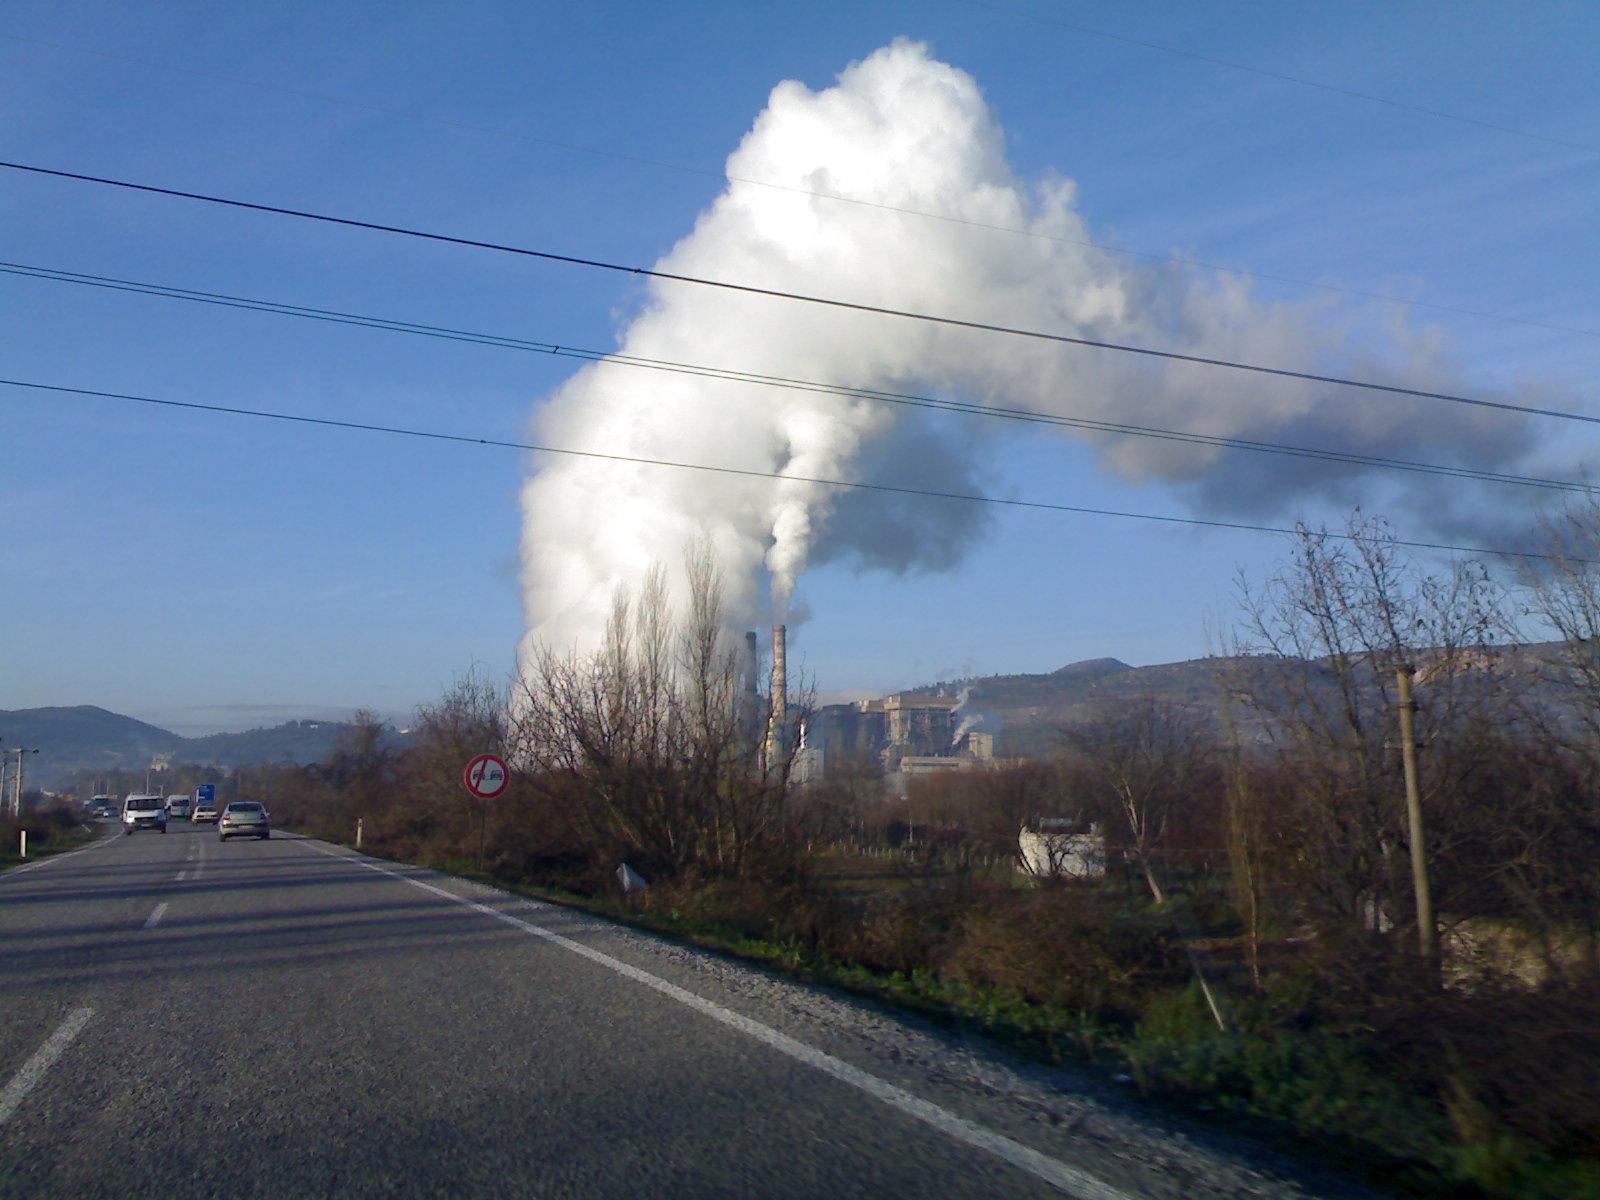 Bakanlık: Termik santraller Trakya'nın hava kalitesini arttıracak.